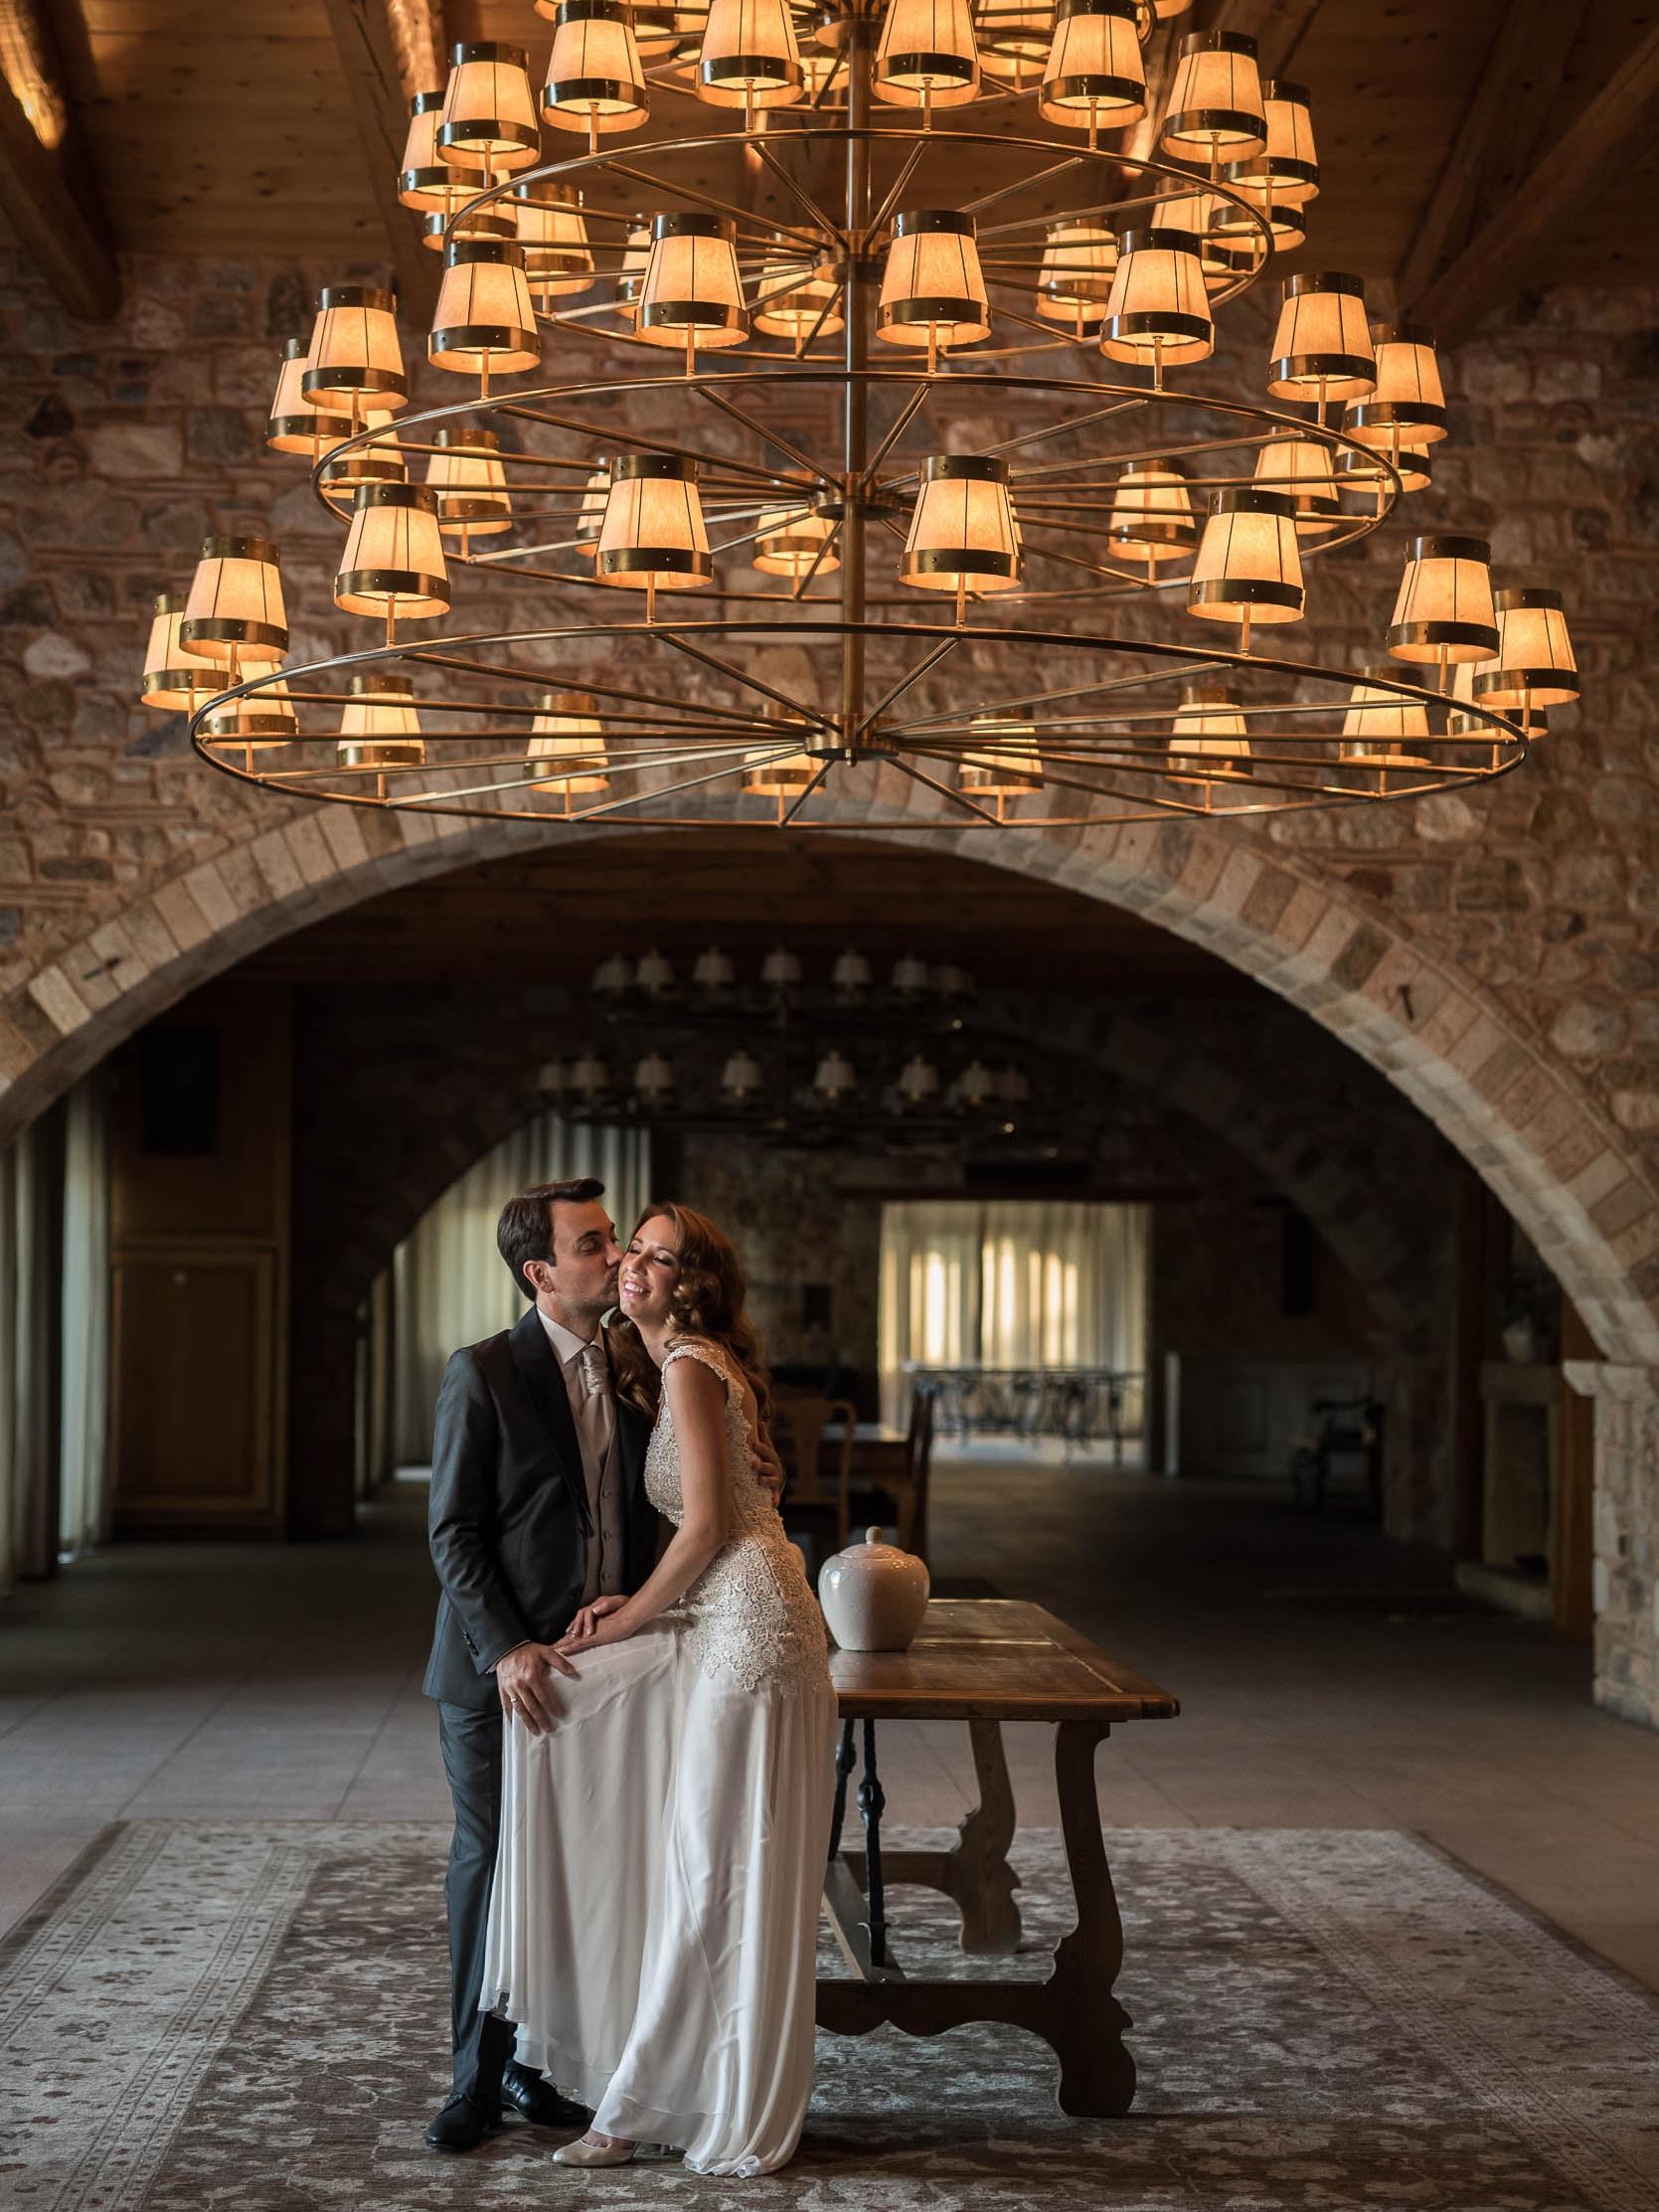 ΒΑΣΙΛΗΣ & ΖΩΗ - Ρομαντικός γάμος στον Πύργο Πετρέζα